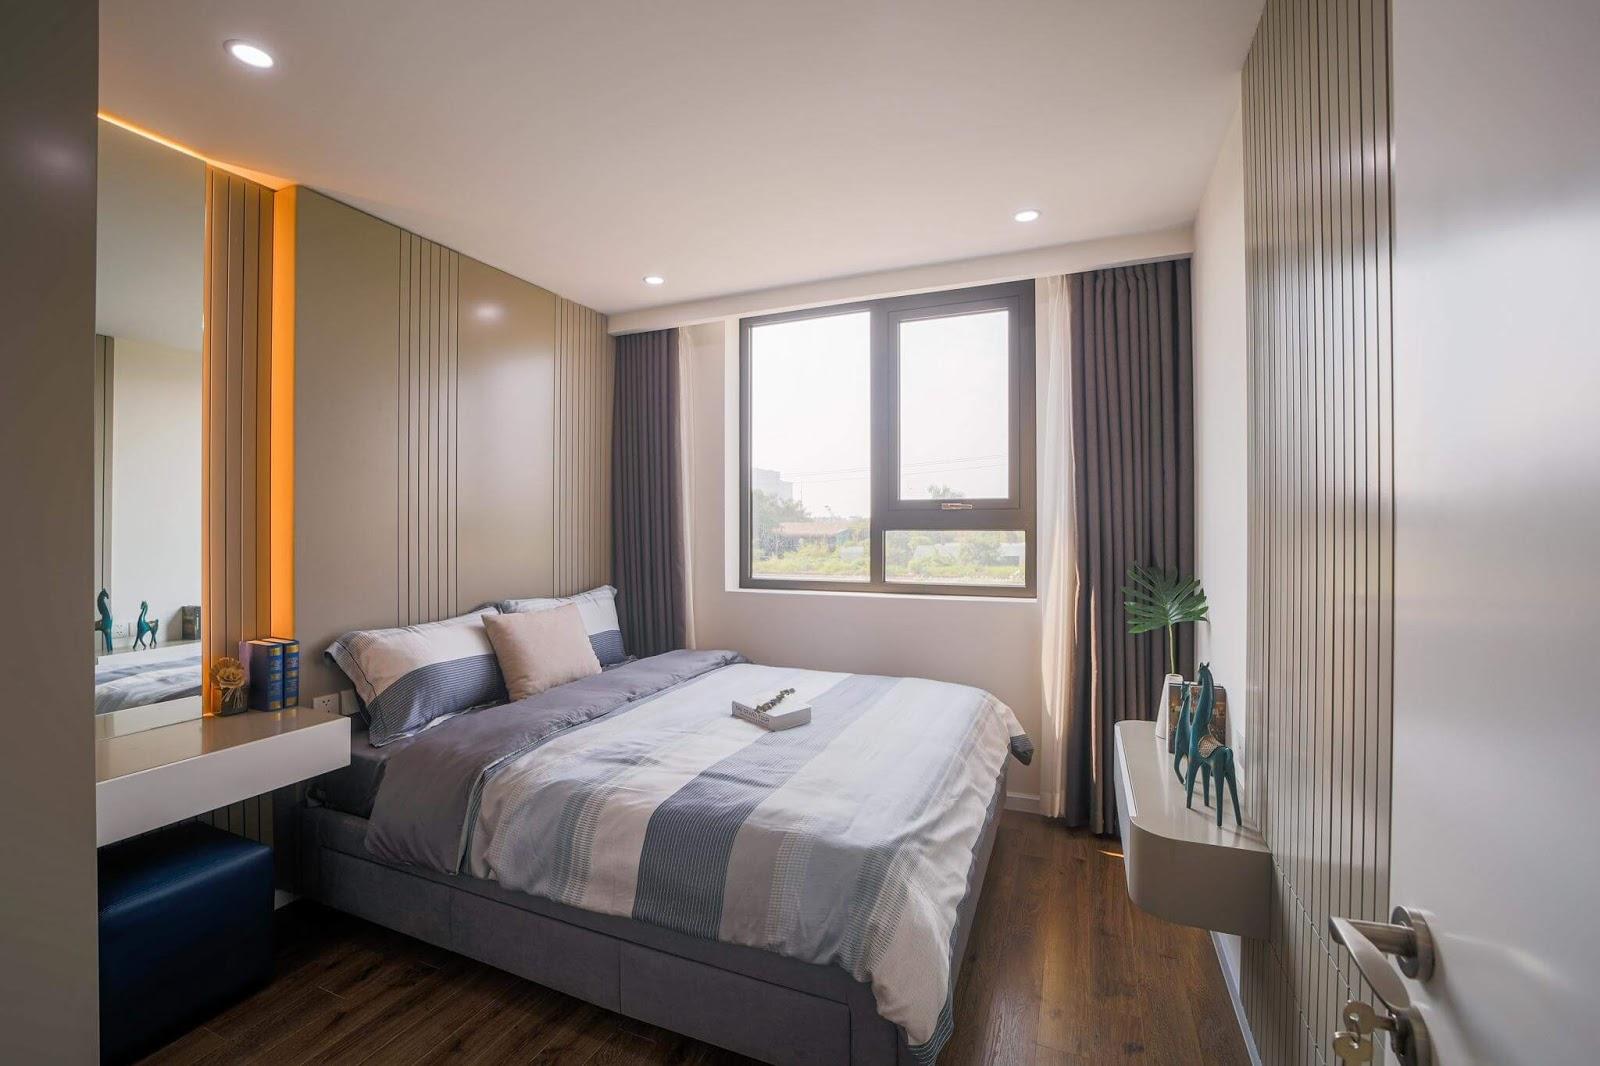 Phòng ngủ căn hộ AQH Riverside với cửa sổ rộng và ánh sáng ngập tràn.